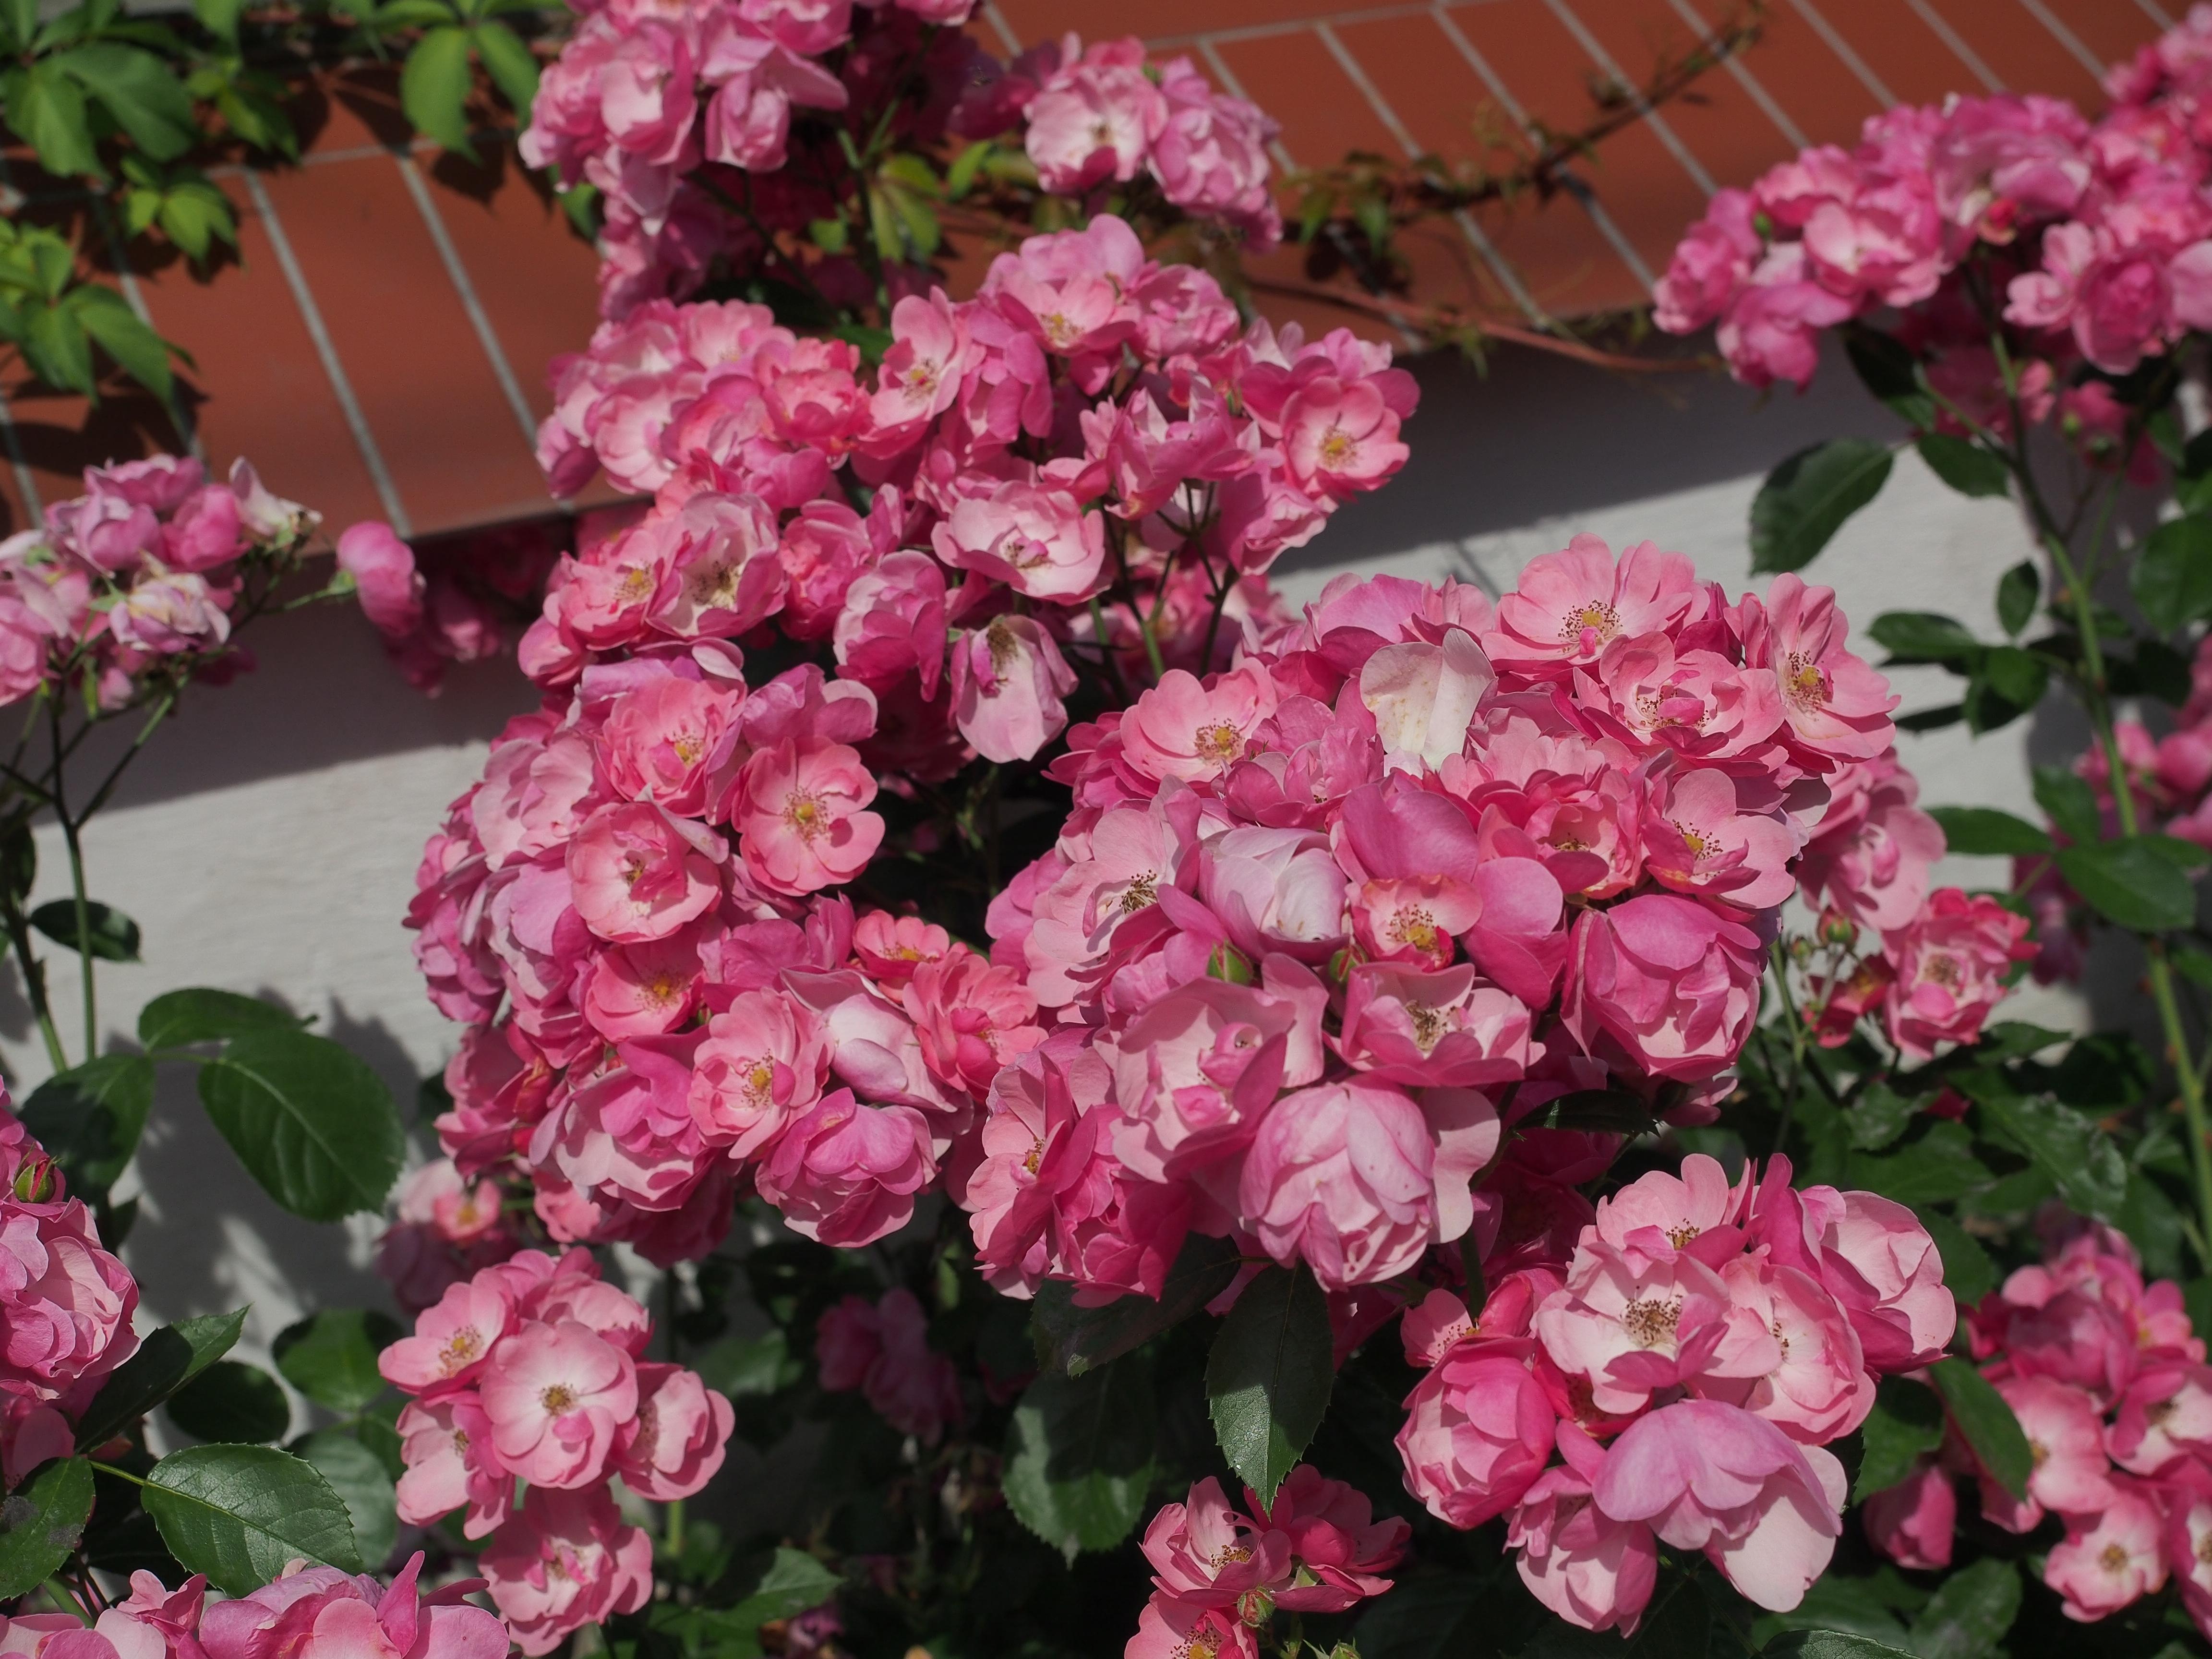 duże kwiatostany róży parkowej  Angela